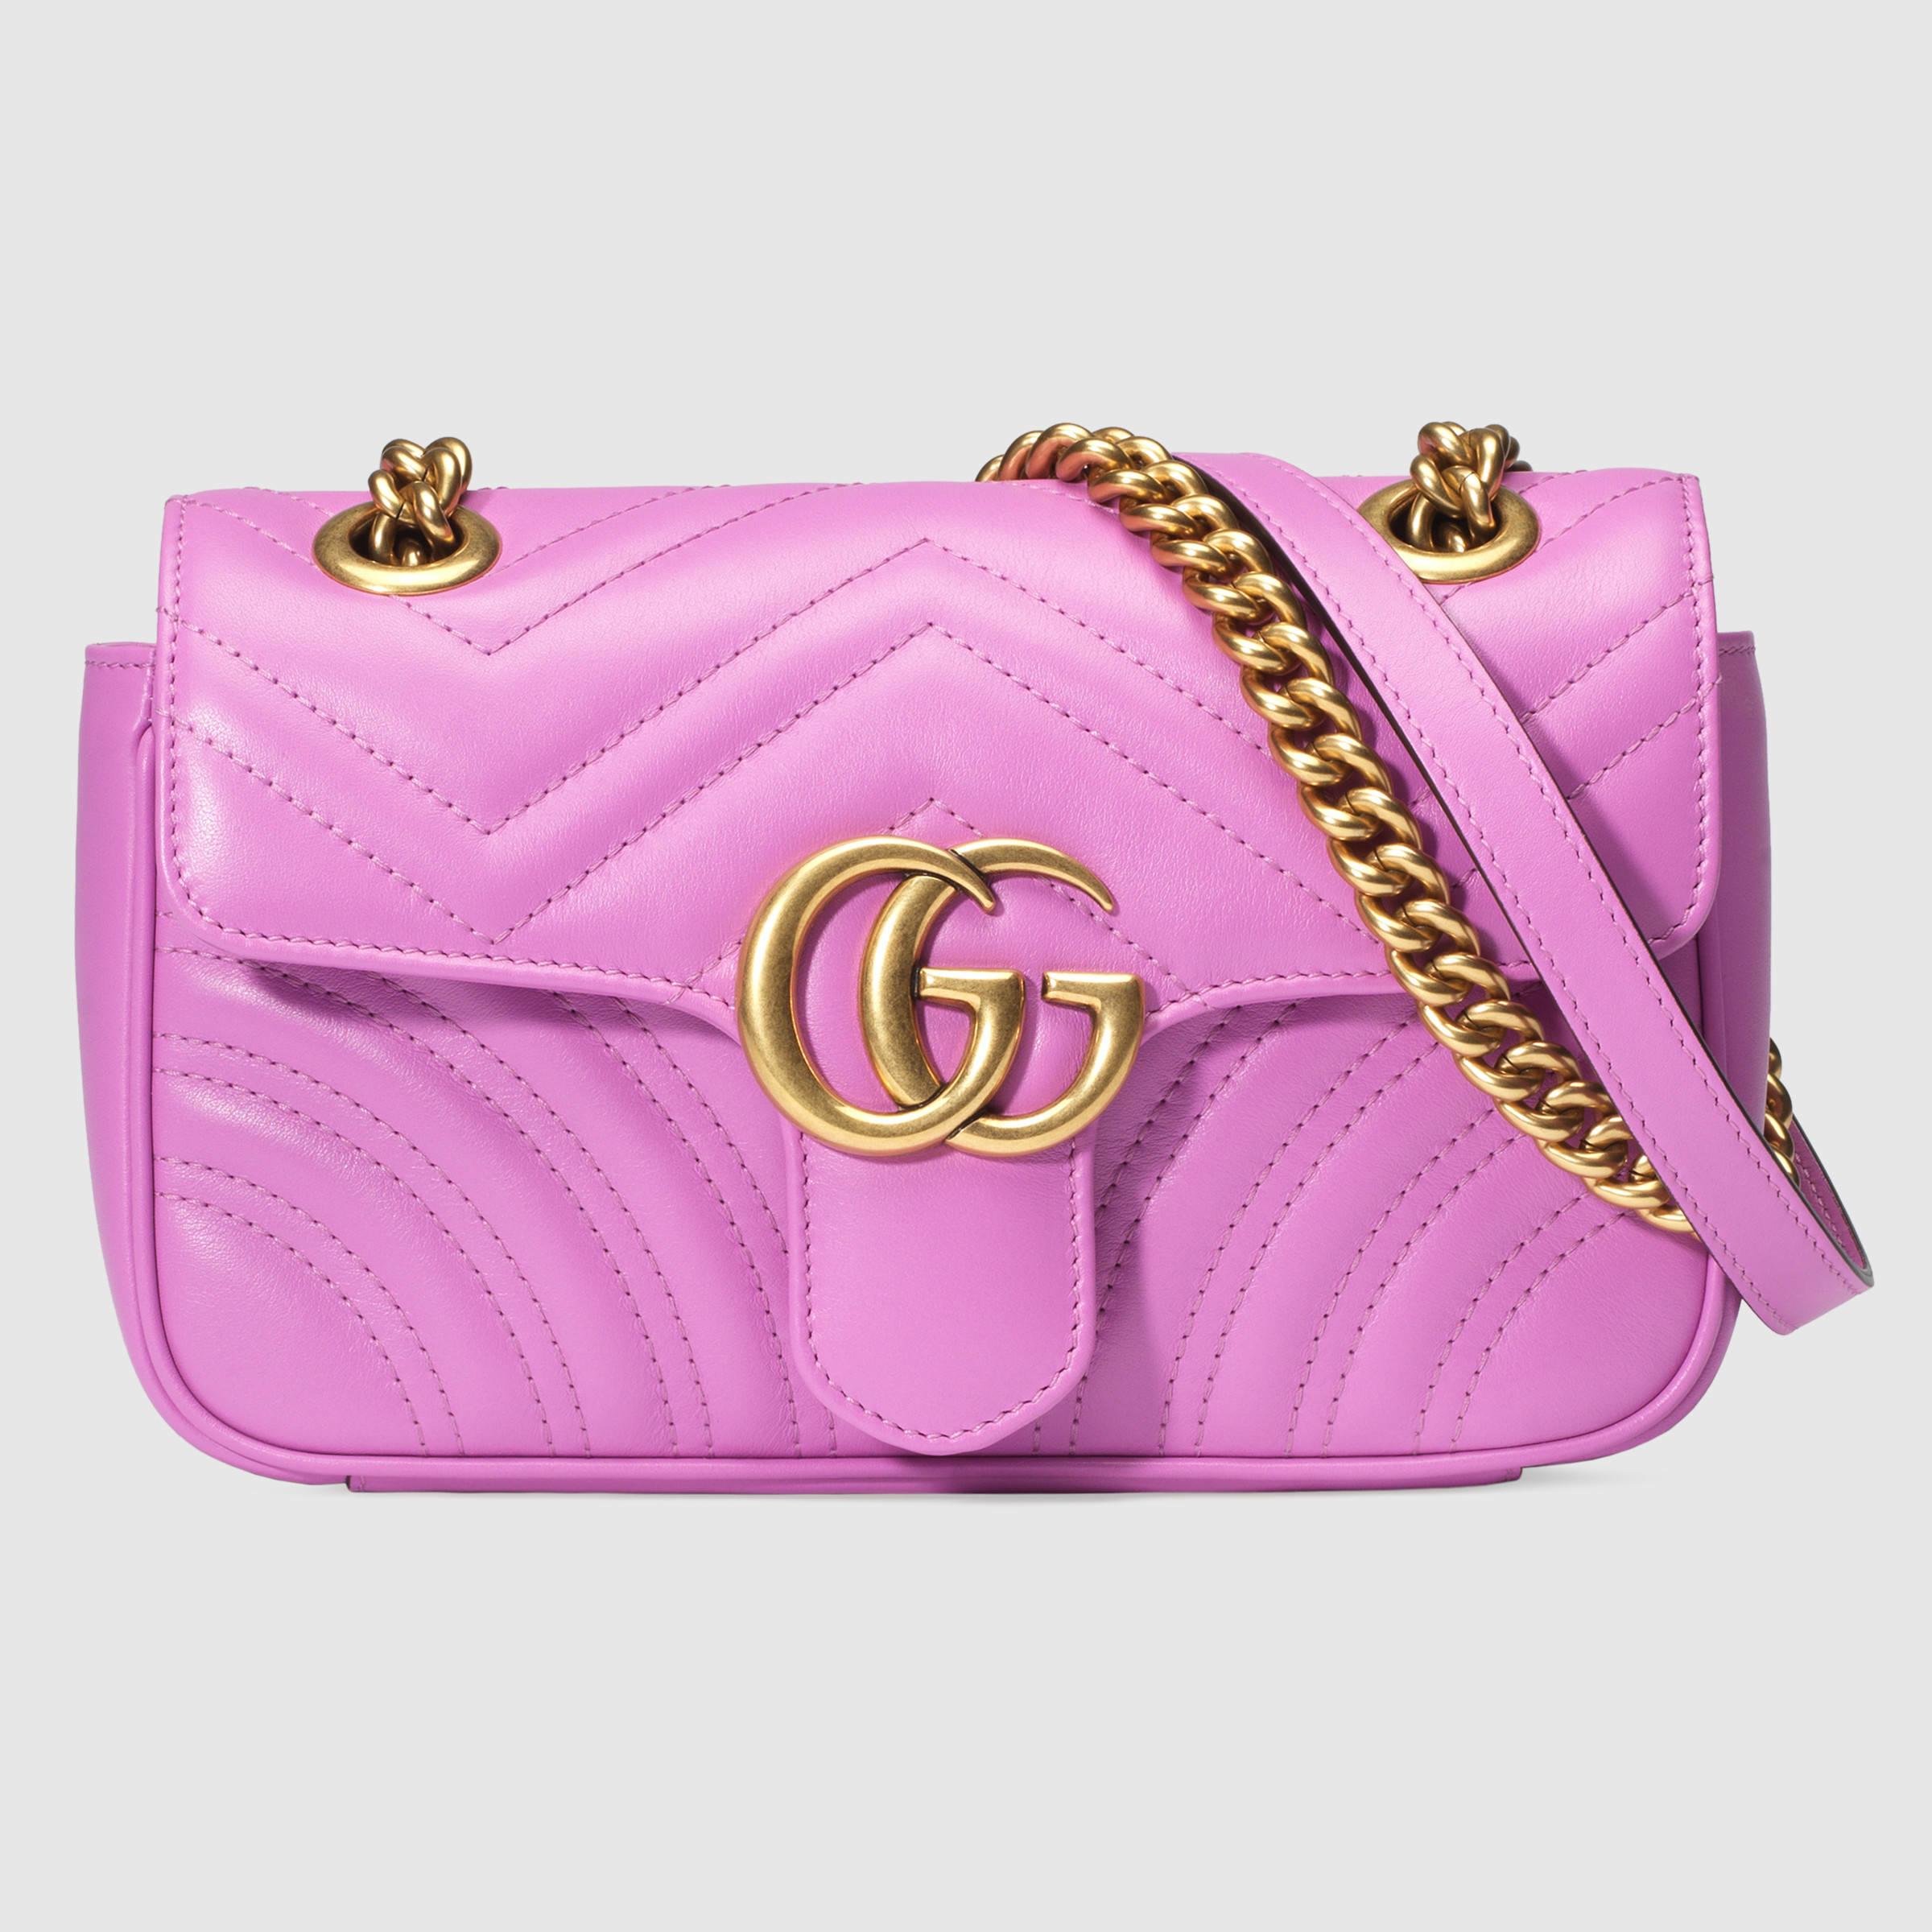 911acff39b8 Gucci - Multicolor GG Marmont Matelassé Leather Mini Shoulder Bag - Lyst